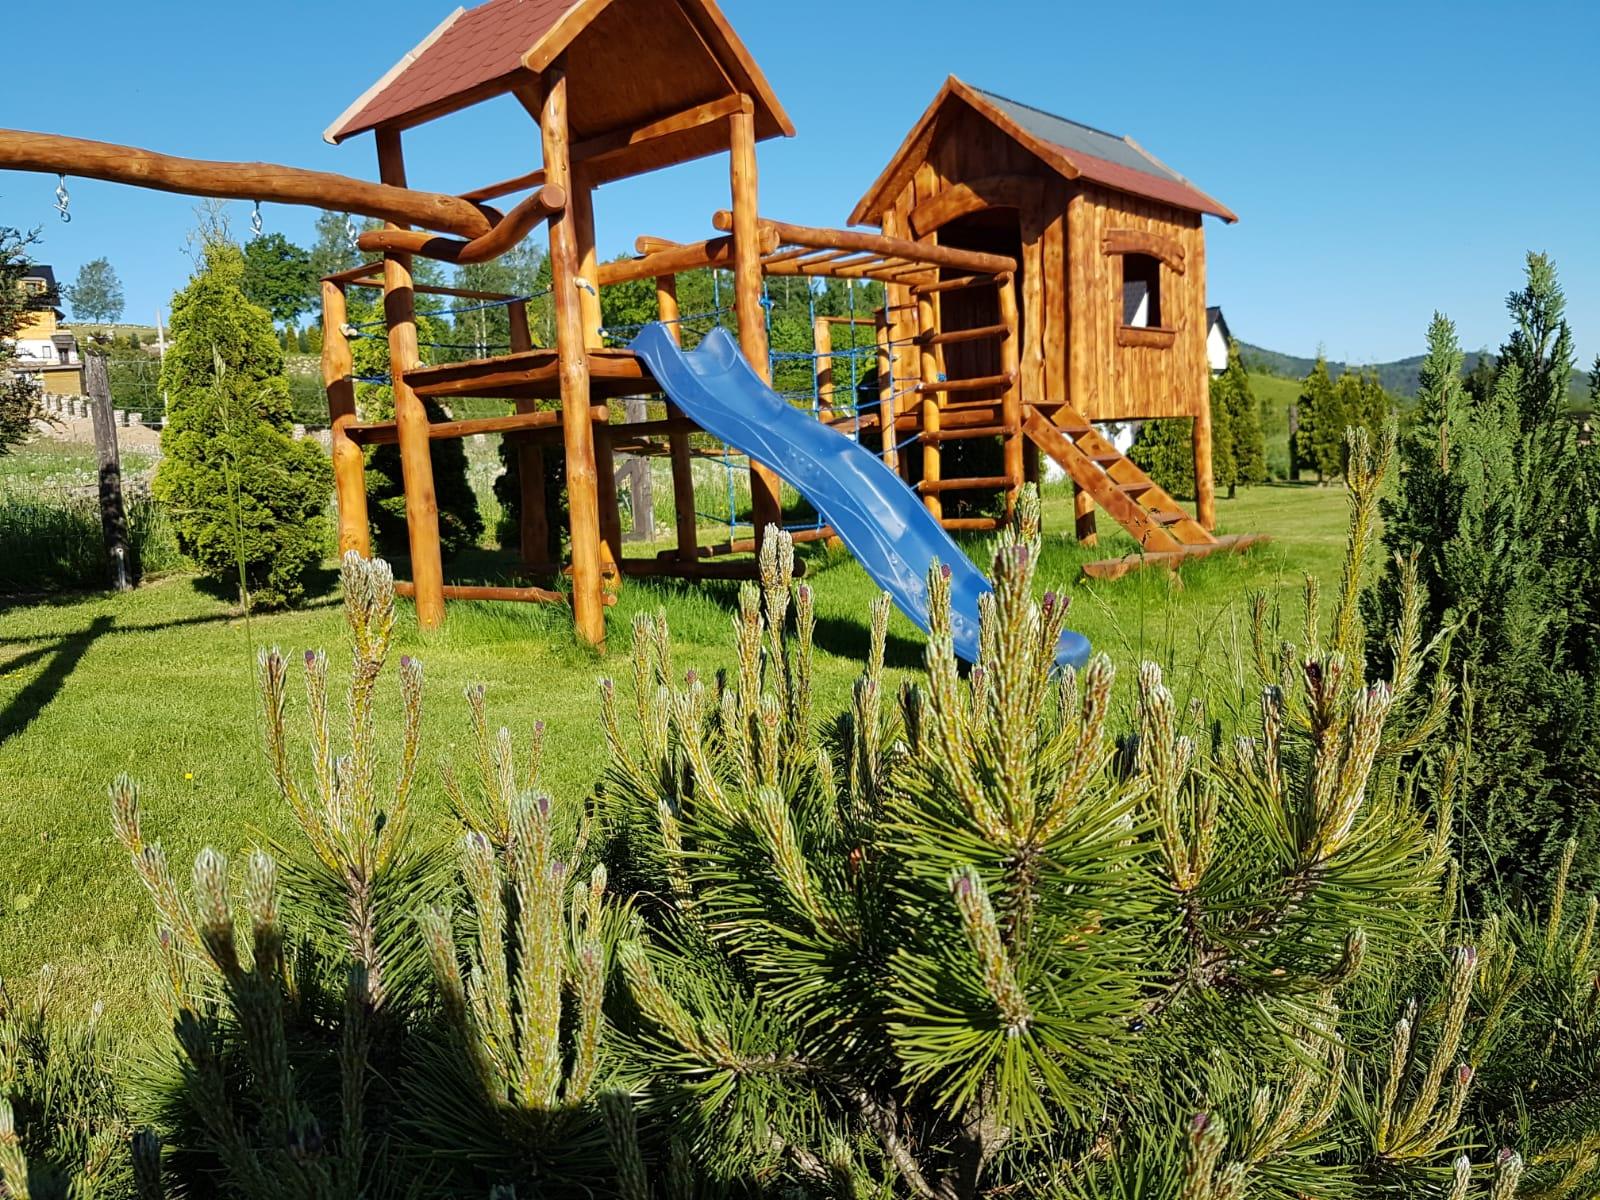 Wynajem domku na wakacje, urlop, ferie Karpacz - Ściegny - miejsce do zabawy dla dzieci